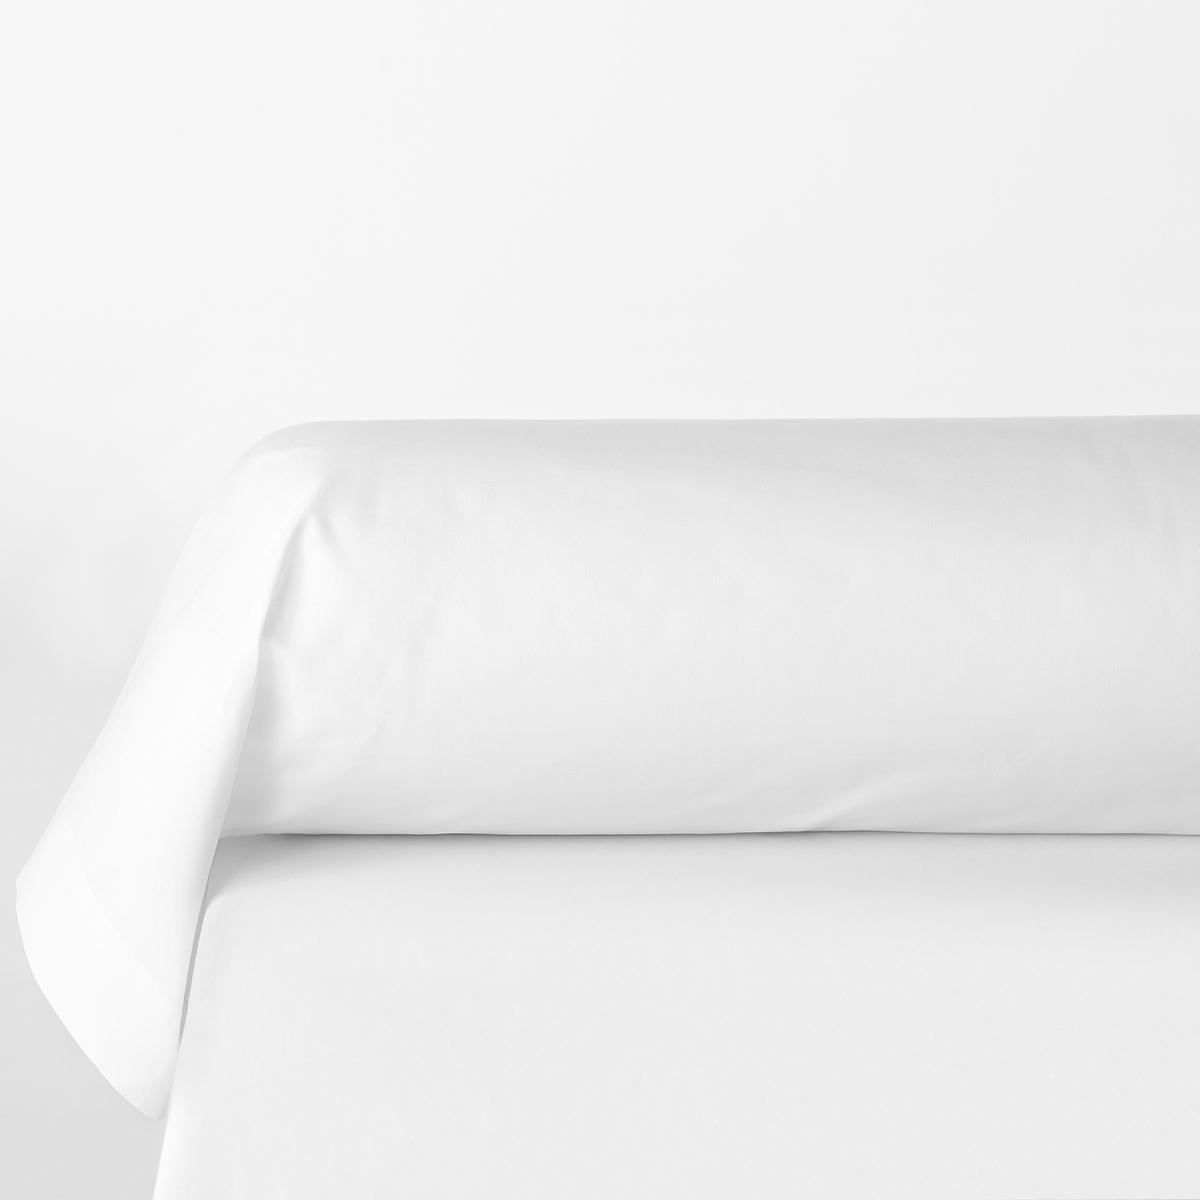 Наволочка на подушку-валик из полиэстера и хлопка (поликоттон)Наволочка на подушку-валик из ткани 50% хлопка, 50% полиэстера (поликоттон) плотного плетения (57 нитей/см?) : Чем больше плотность переплетения нитей/см?, тем качественнее материал. Длительный комфорт и отличная прочность.Отличная стойкость цветовк стиркам (60 °C), быстрая сушка, глажка не требуется.                                                                                                                                                                       Преимущества     : великолепная гамма очень современных оттенков для сочетания по желанию с простынями и пододеяльниками SCENARIO и рисунками коллекции. Знак Oeko-Tex® гарантирует, что товары протестированы и сертифицированы, не содержат вредных веществ, которые могли бы нанести вред здоровью.                                                                                                  ?Наволочка на подушку-валик :85 x 185 см                                                                                                                             Откройте для себя всю коллекцию постельного белья, нажав SC?NARIO UNI<br><br>Цвет: антрацит,голубой бирюзовый,нежно-розовый<br>Размер: 85 x 185 см.85 x 185 см.85 x 185 см